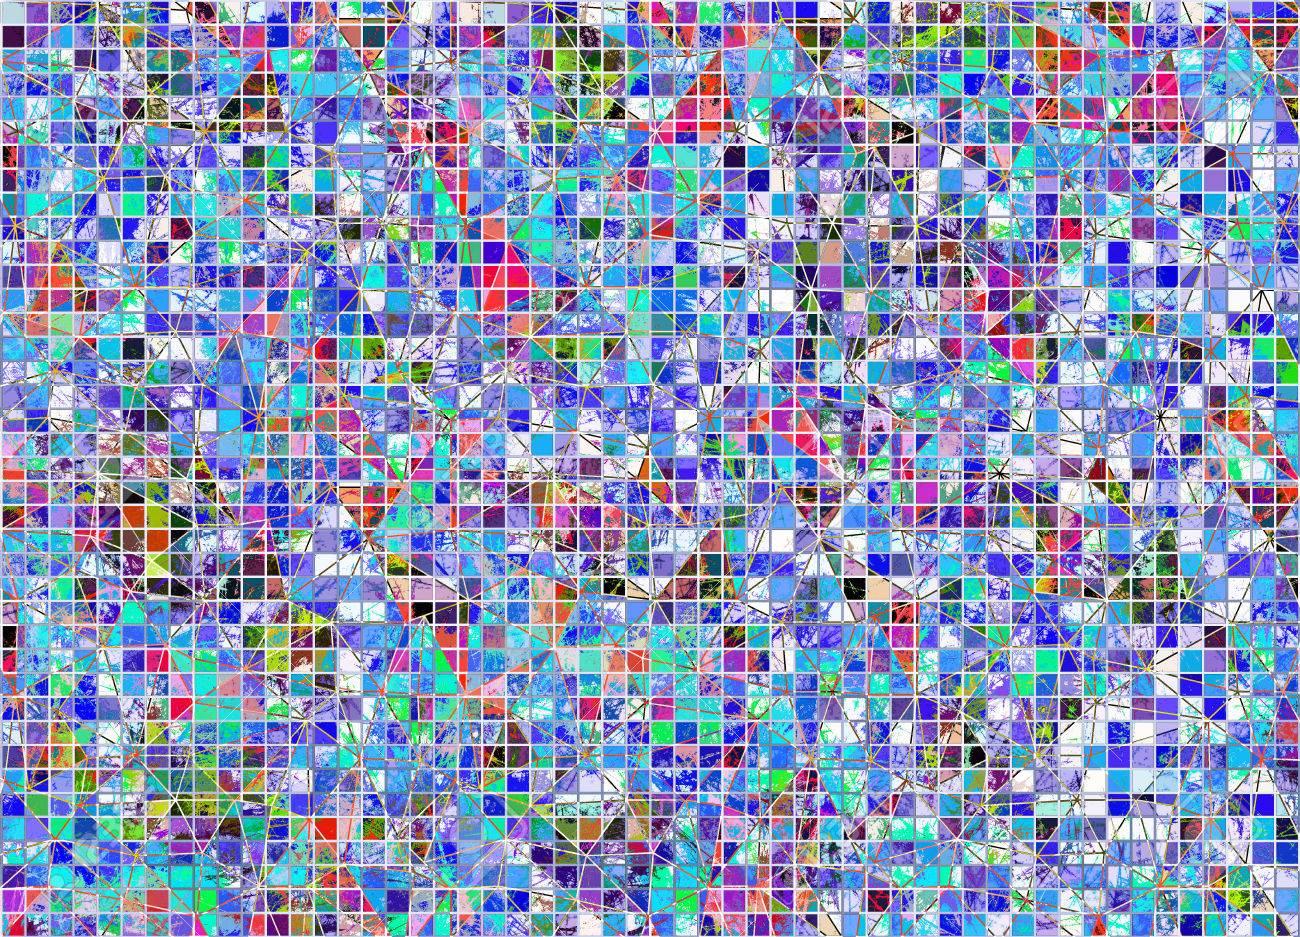 Resume Tire Fond Colore Papier Peint A Carreaux Artistique Dans Des